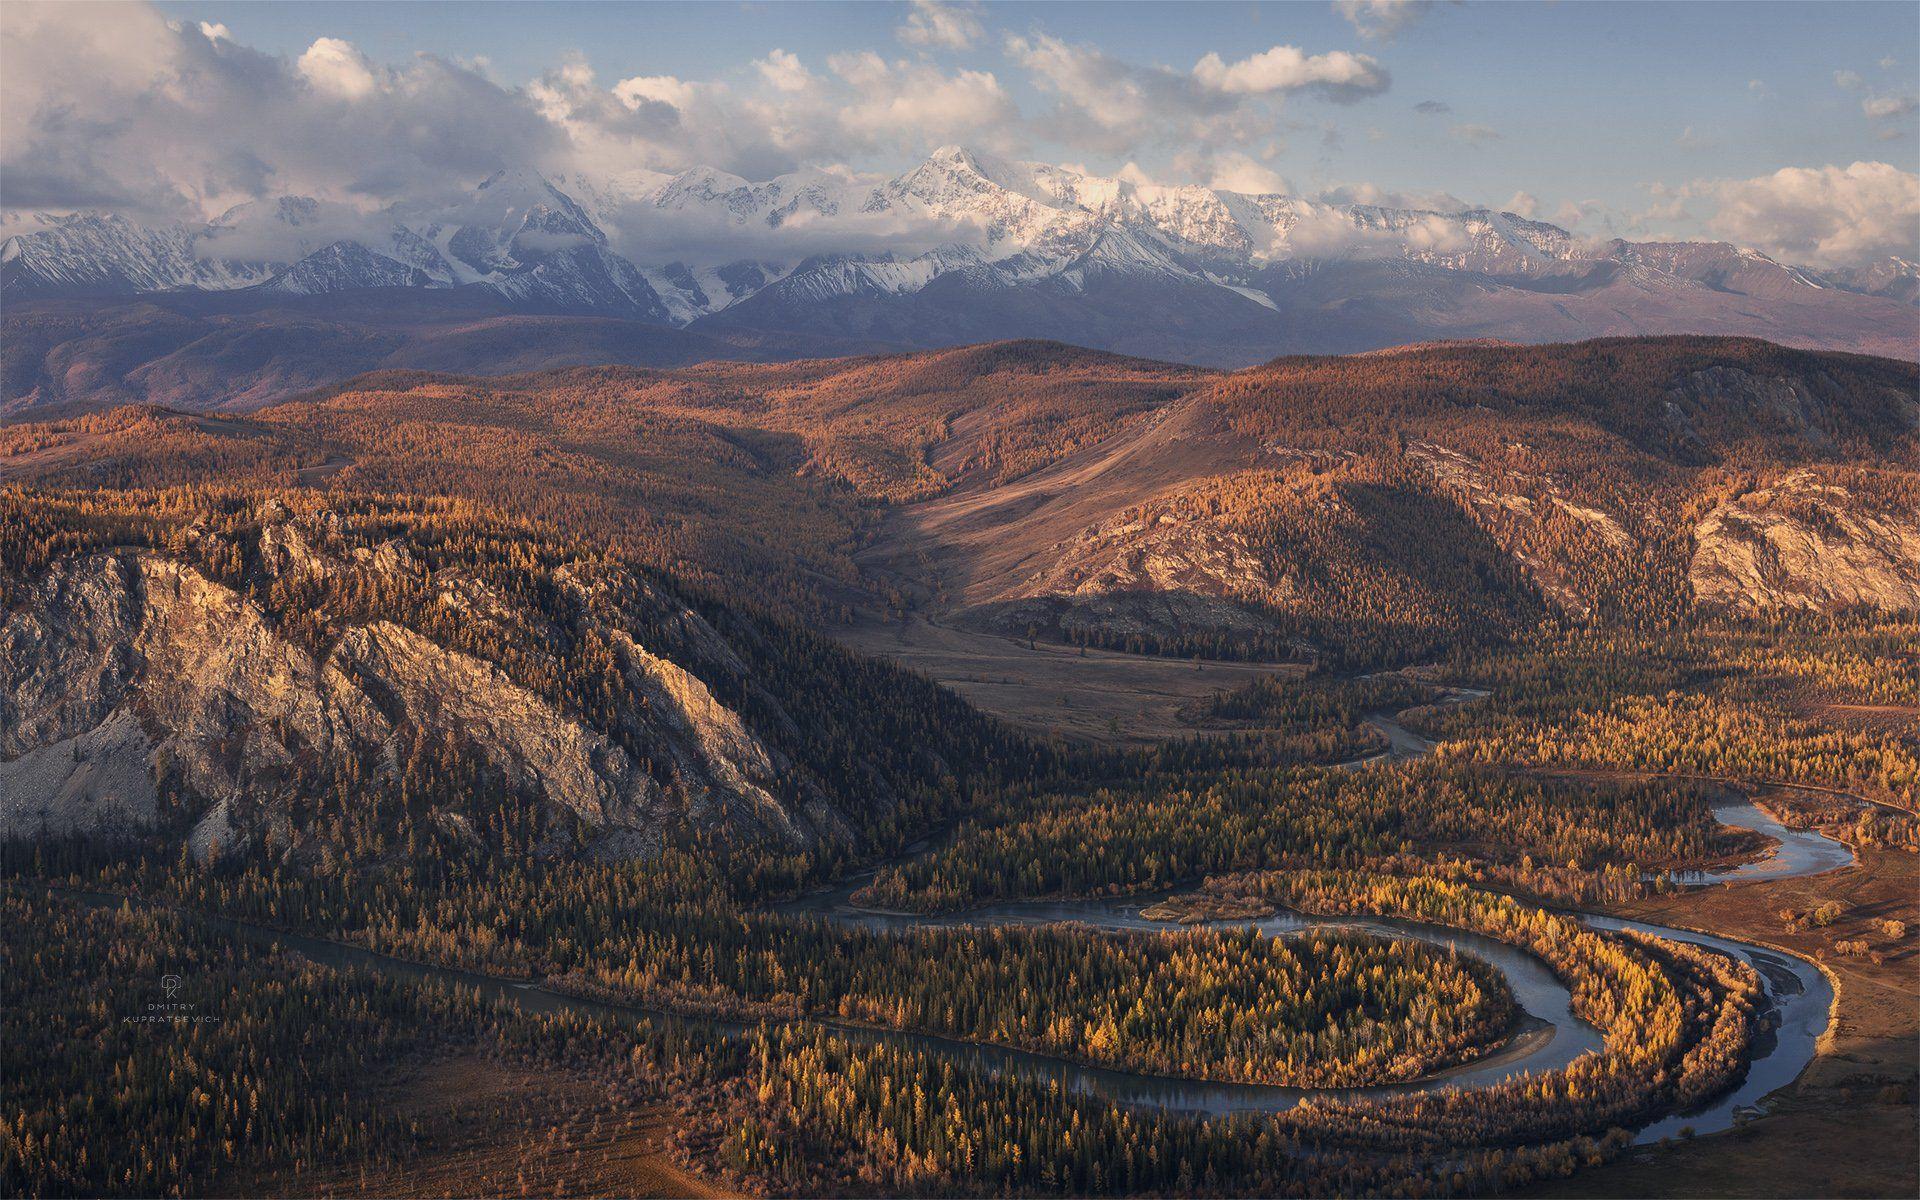 алтай, россия, курай, горы, осень, пейзаж, природа, степь, Купрацевич Дмитрий